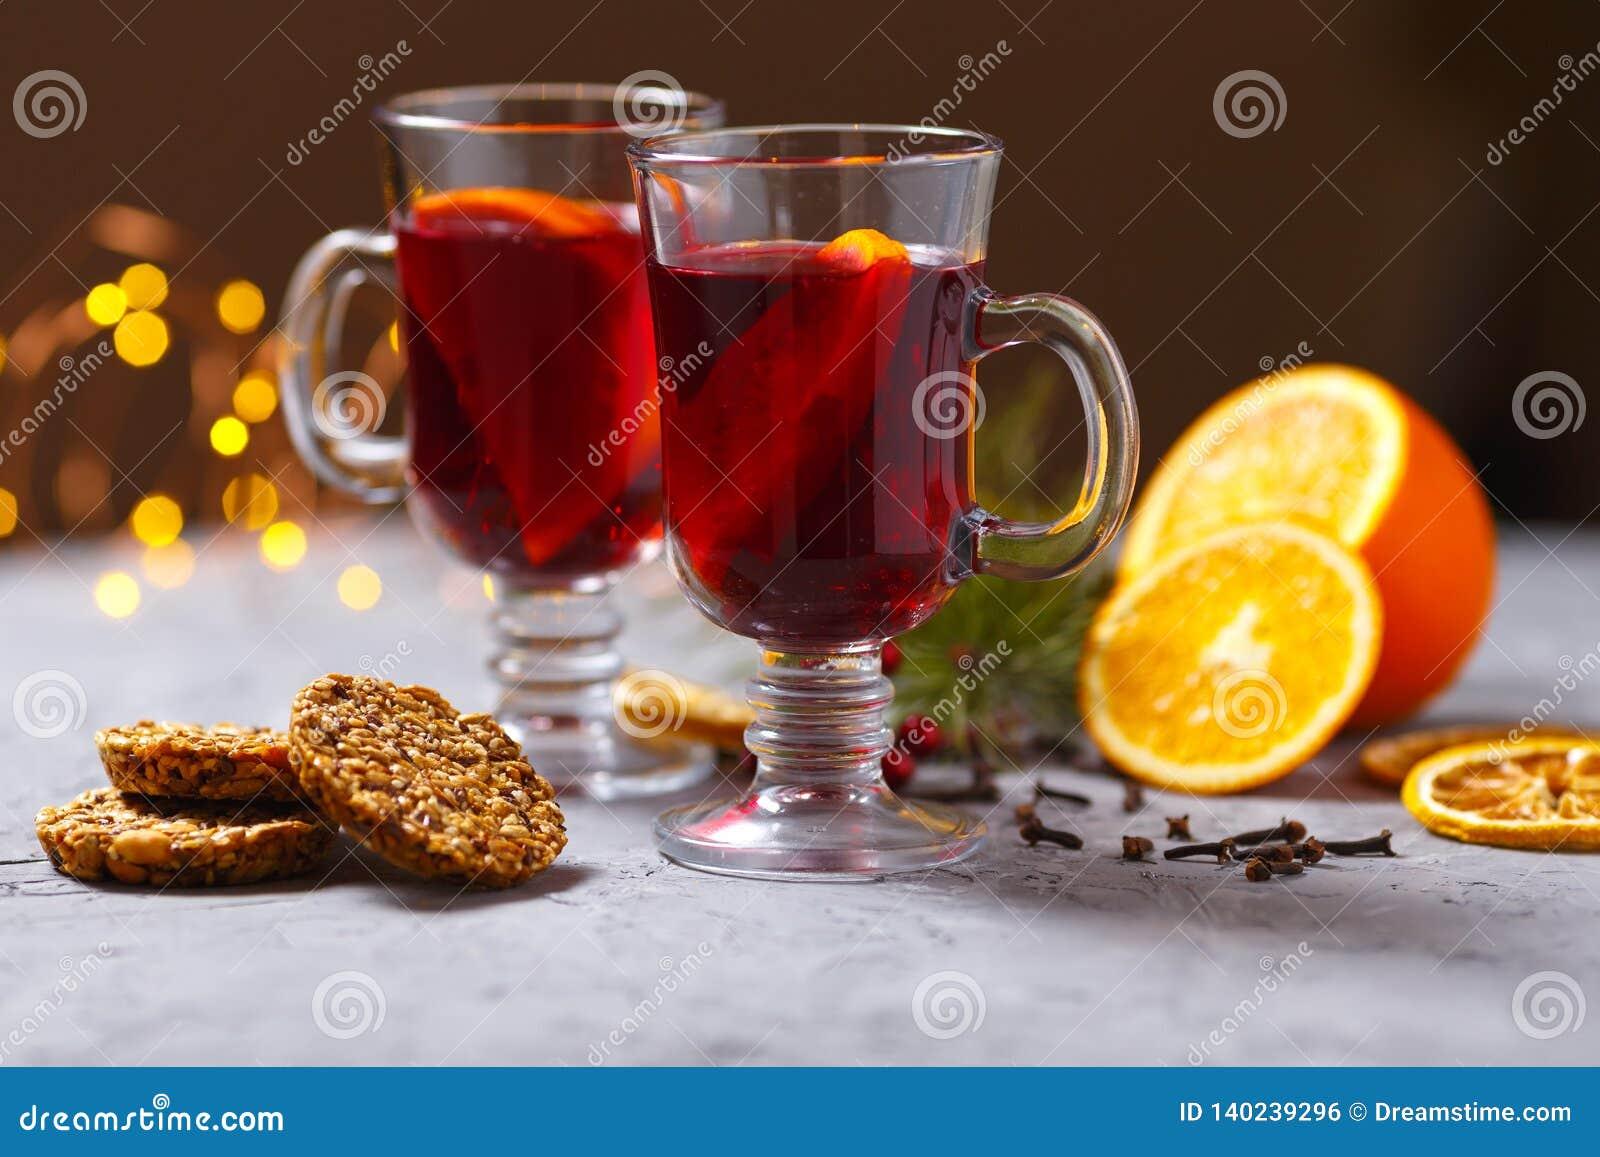 Funderat rött vin med kryddor och apelsinen på mörk bakgrund Värmedrink